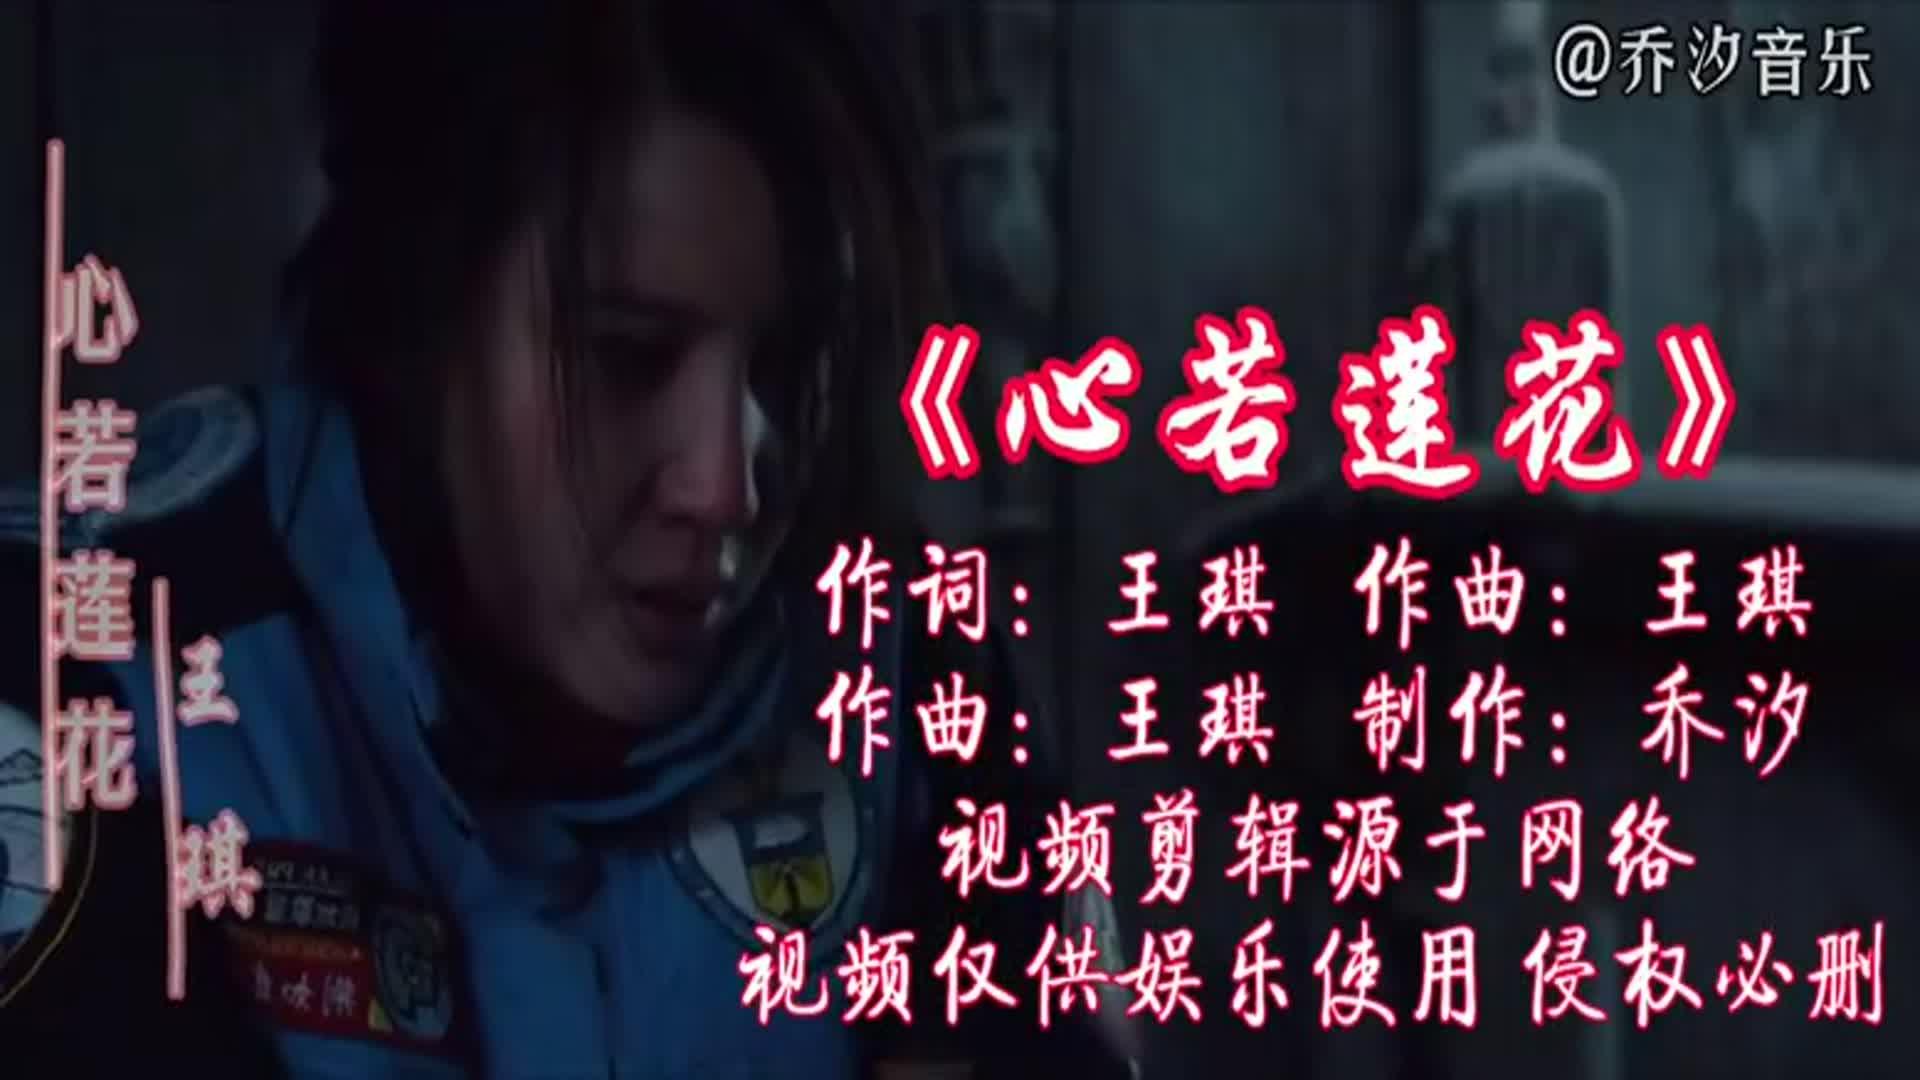 2021王琪最新歌!一首《心若莲花》歌词扎心,唱得伤感又